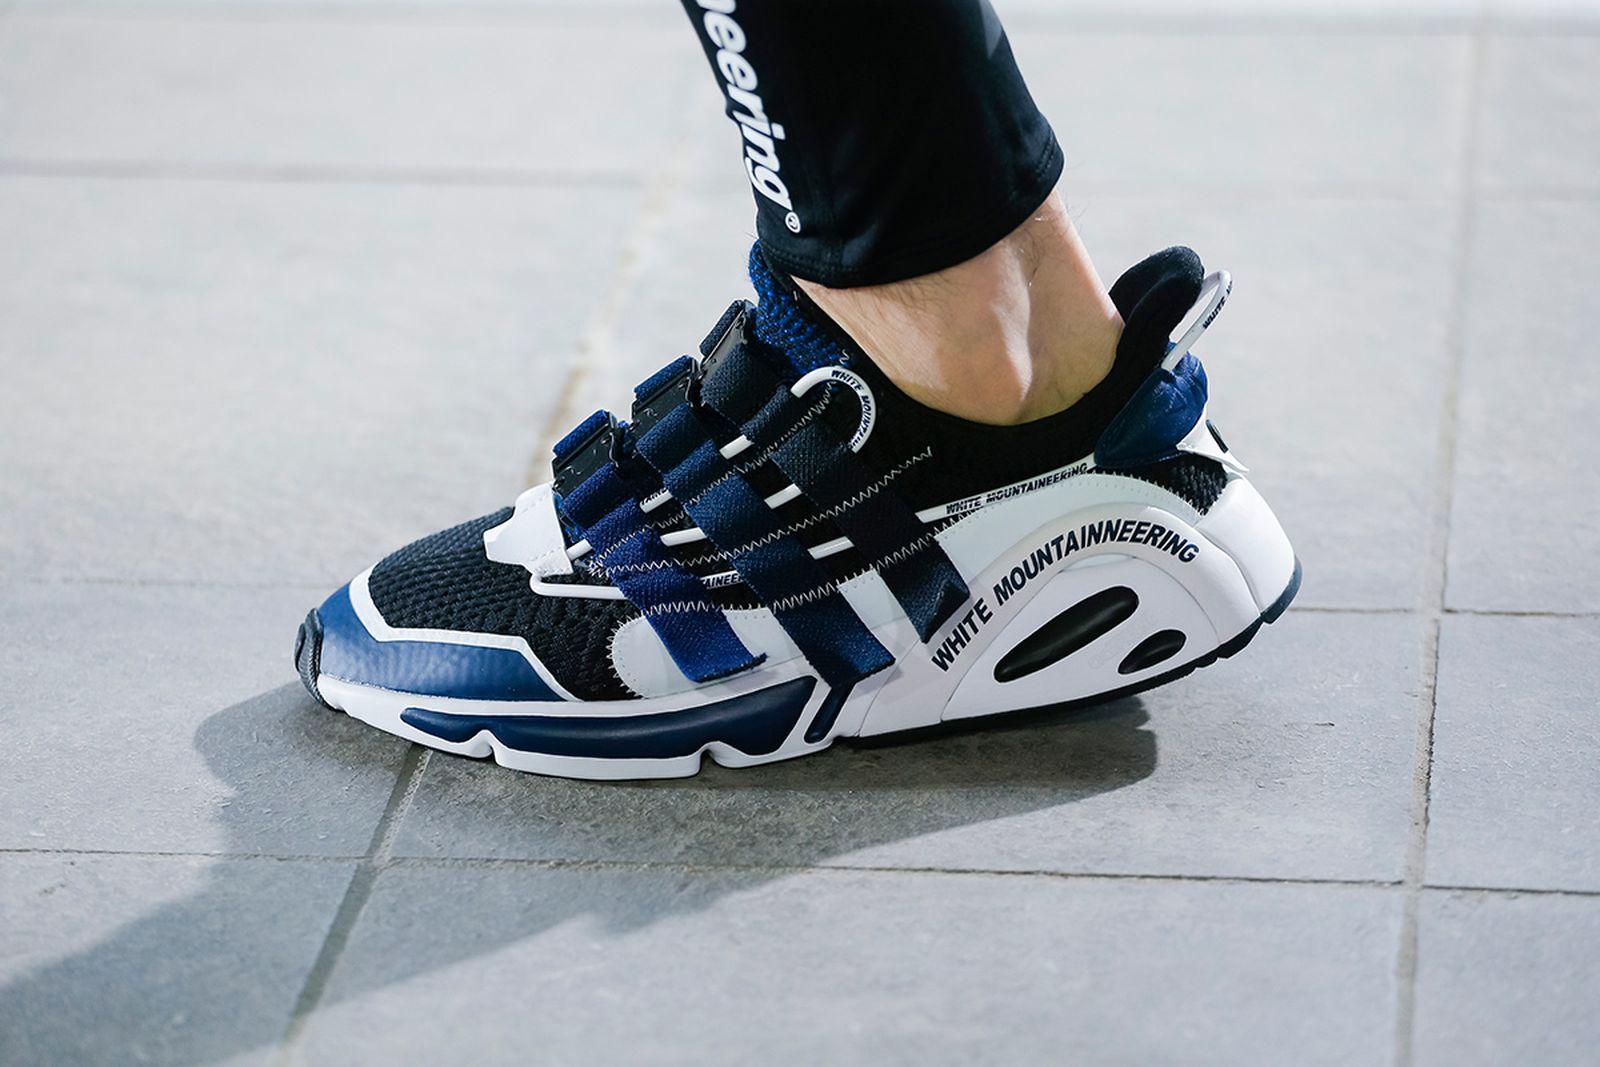 white mountaineering adidas originals lxcon future release date price Louis Vuitton Nike OAMC